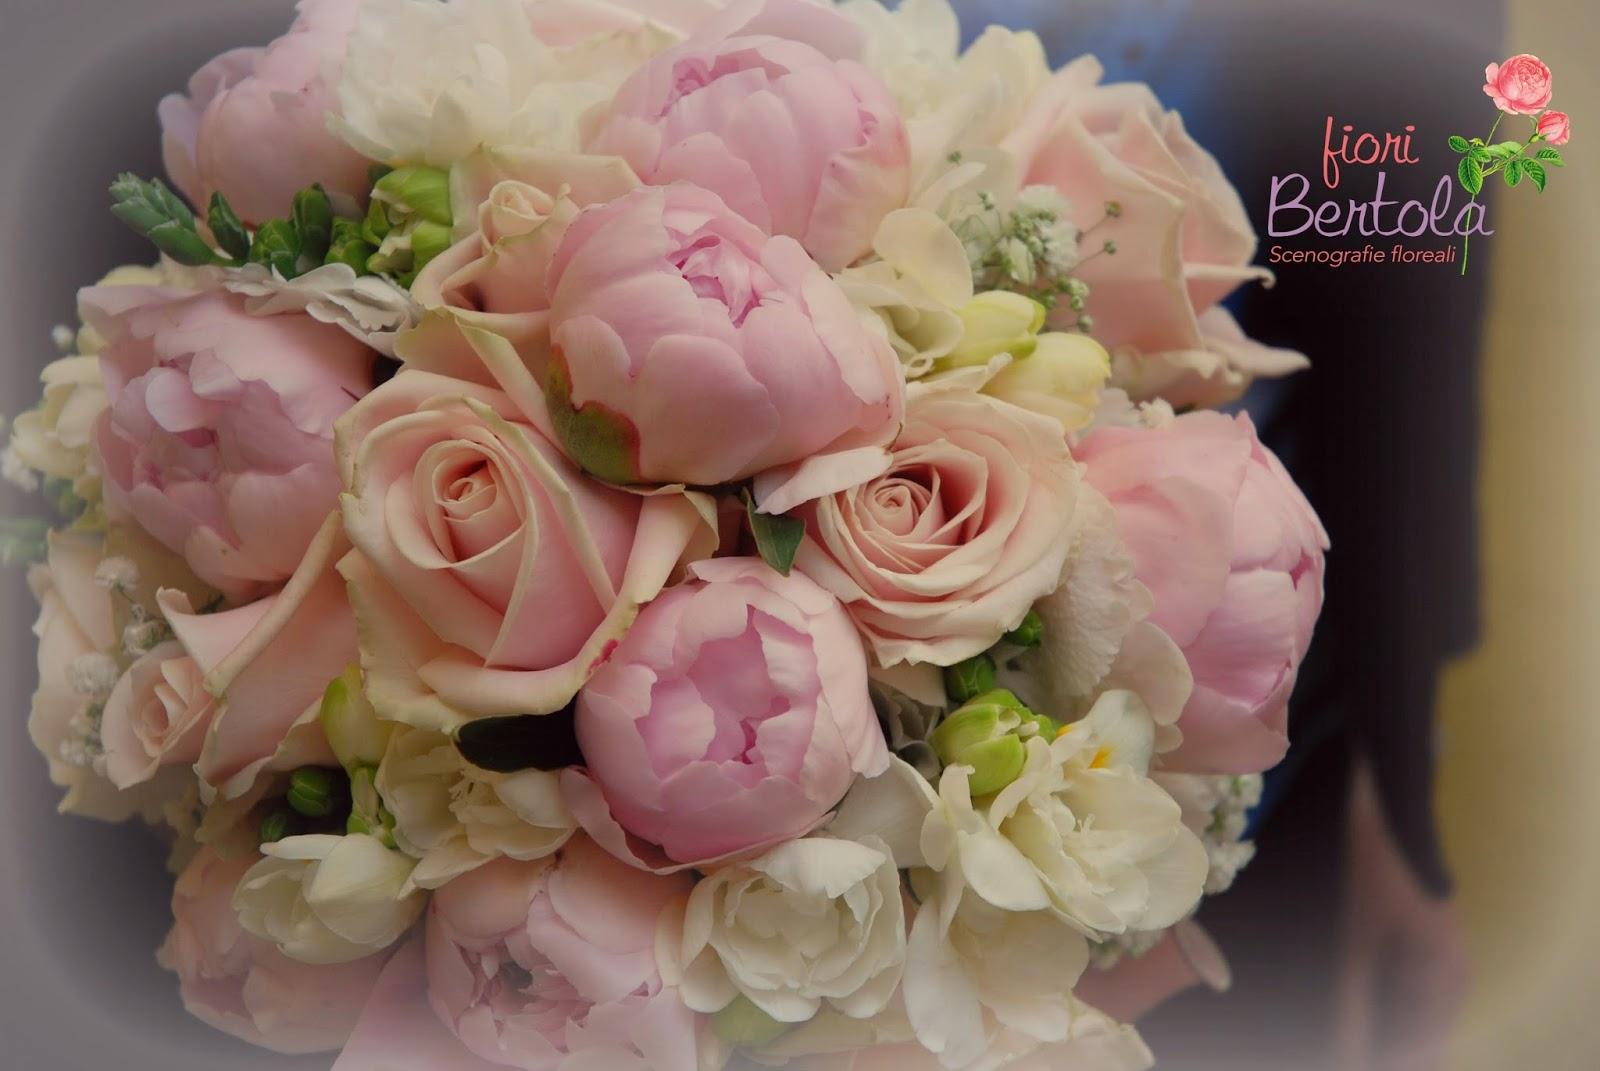 Favoloso Fiori Bertola: Matrimonio in bianco e rosa cipria TV22